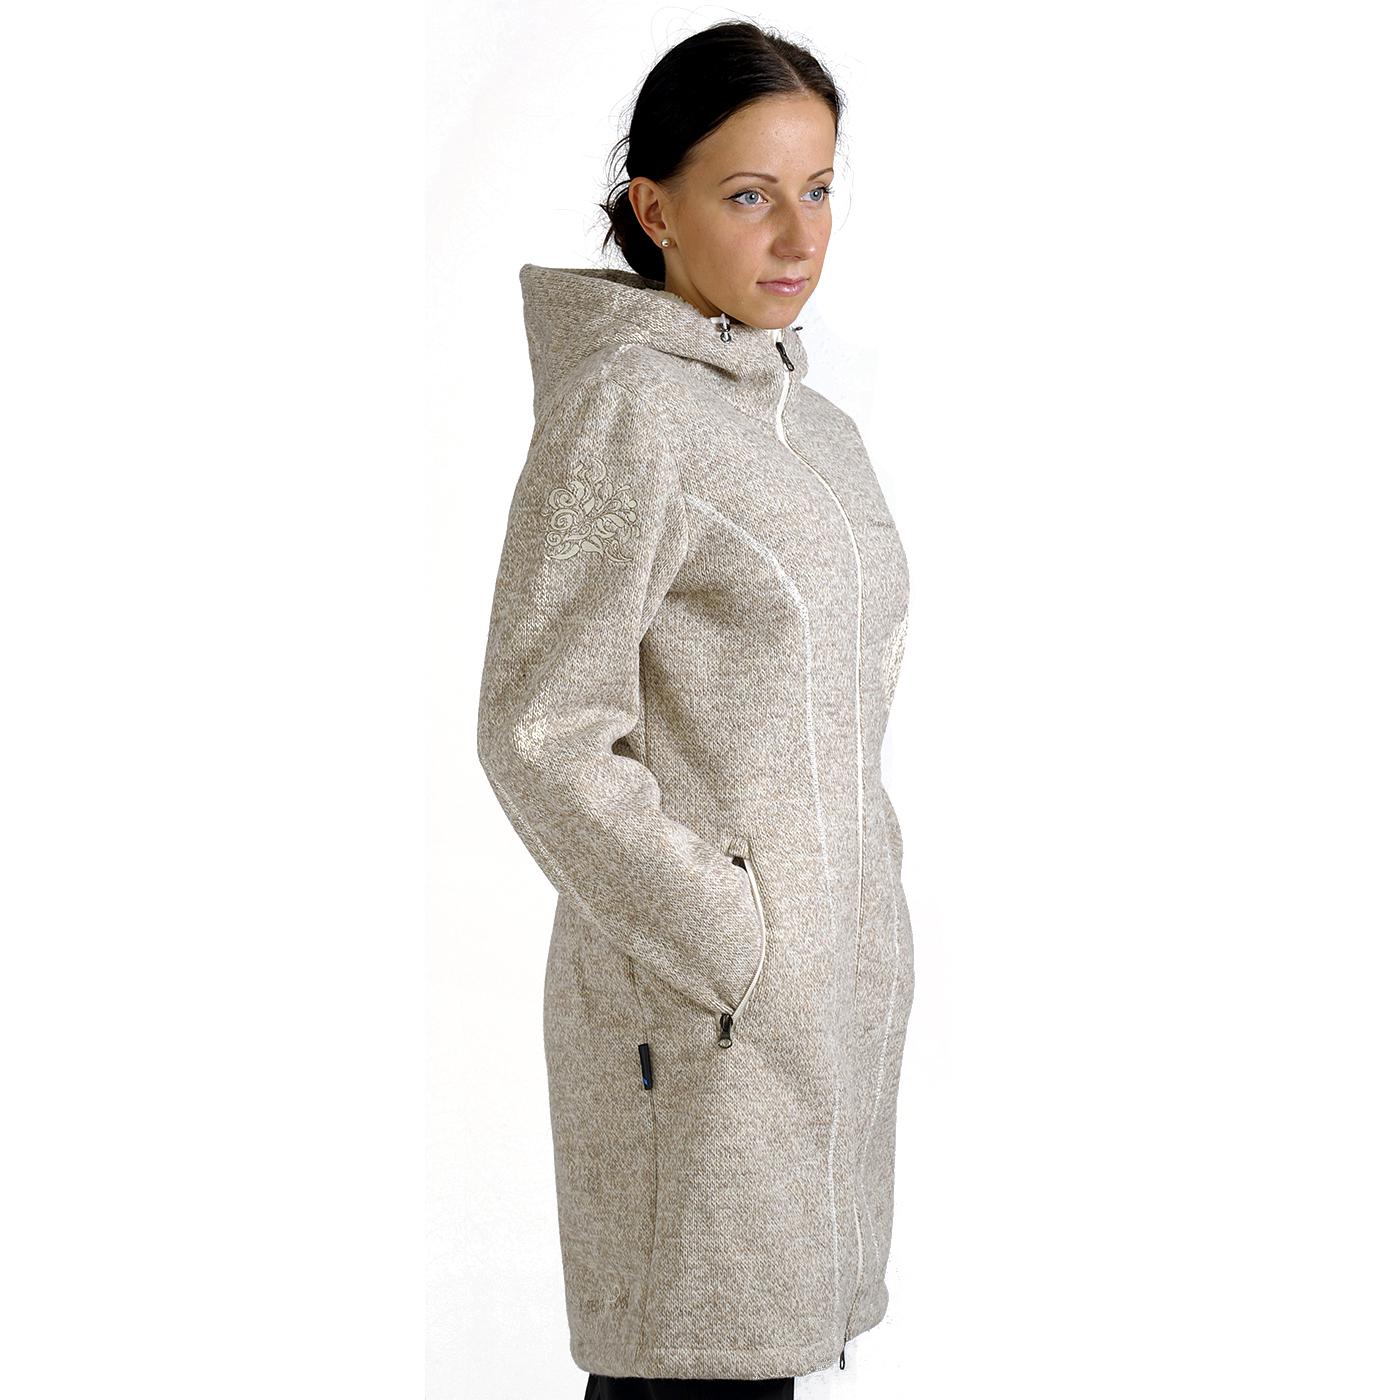 Benesport dámska bunda Pipitka - sivá, veľkosť XS